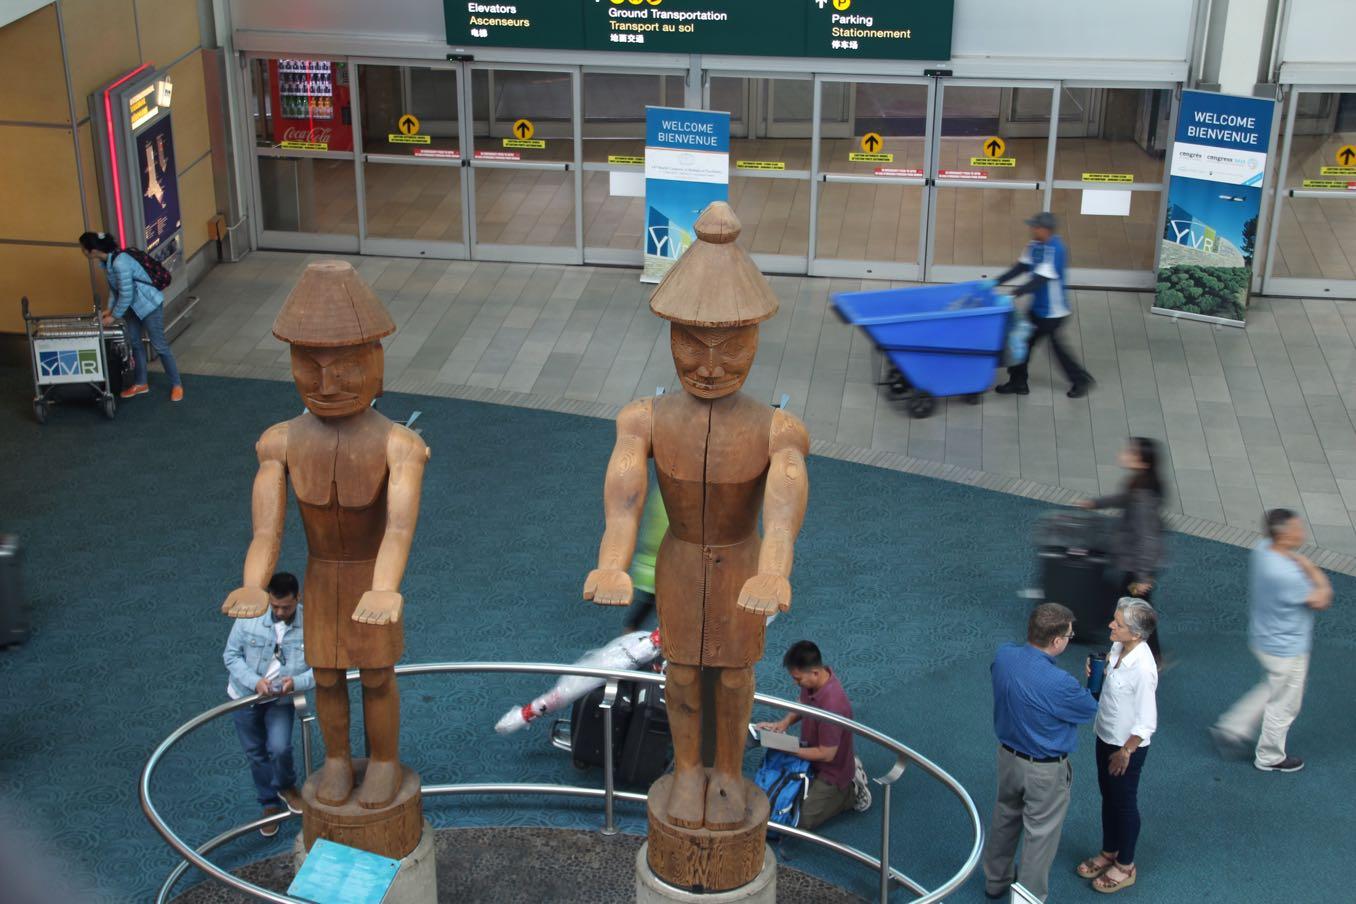 バンクーバー国際空港の出口前の像